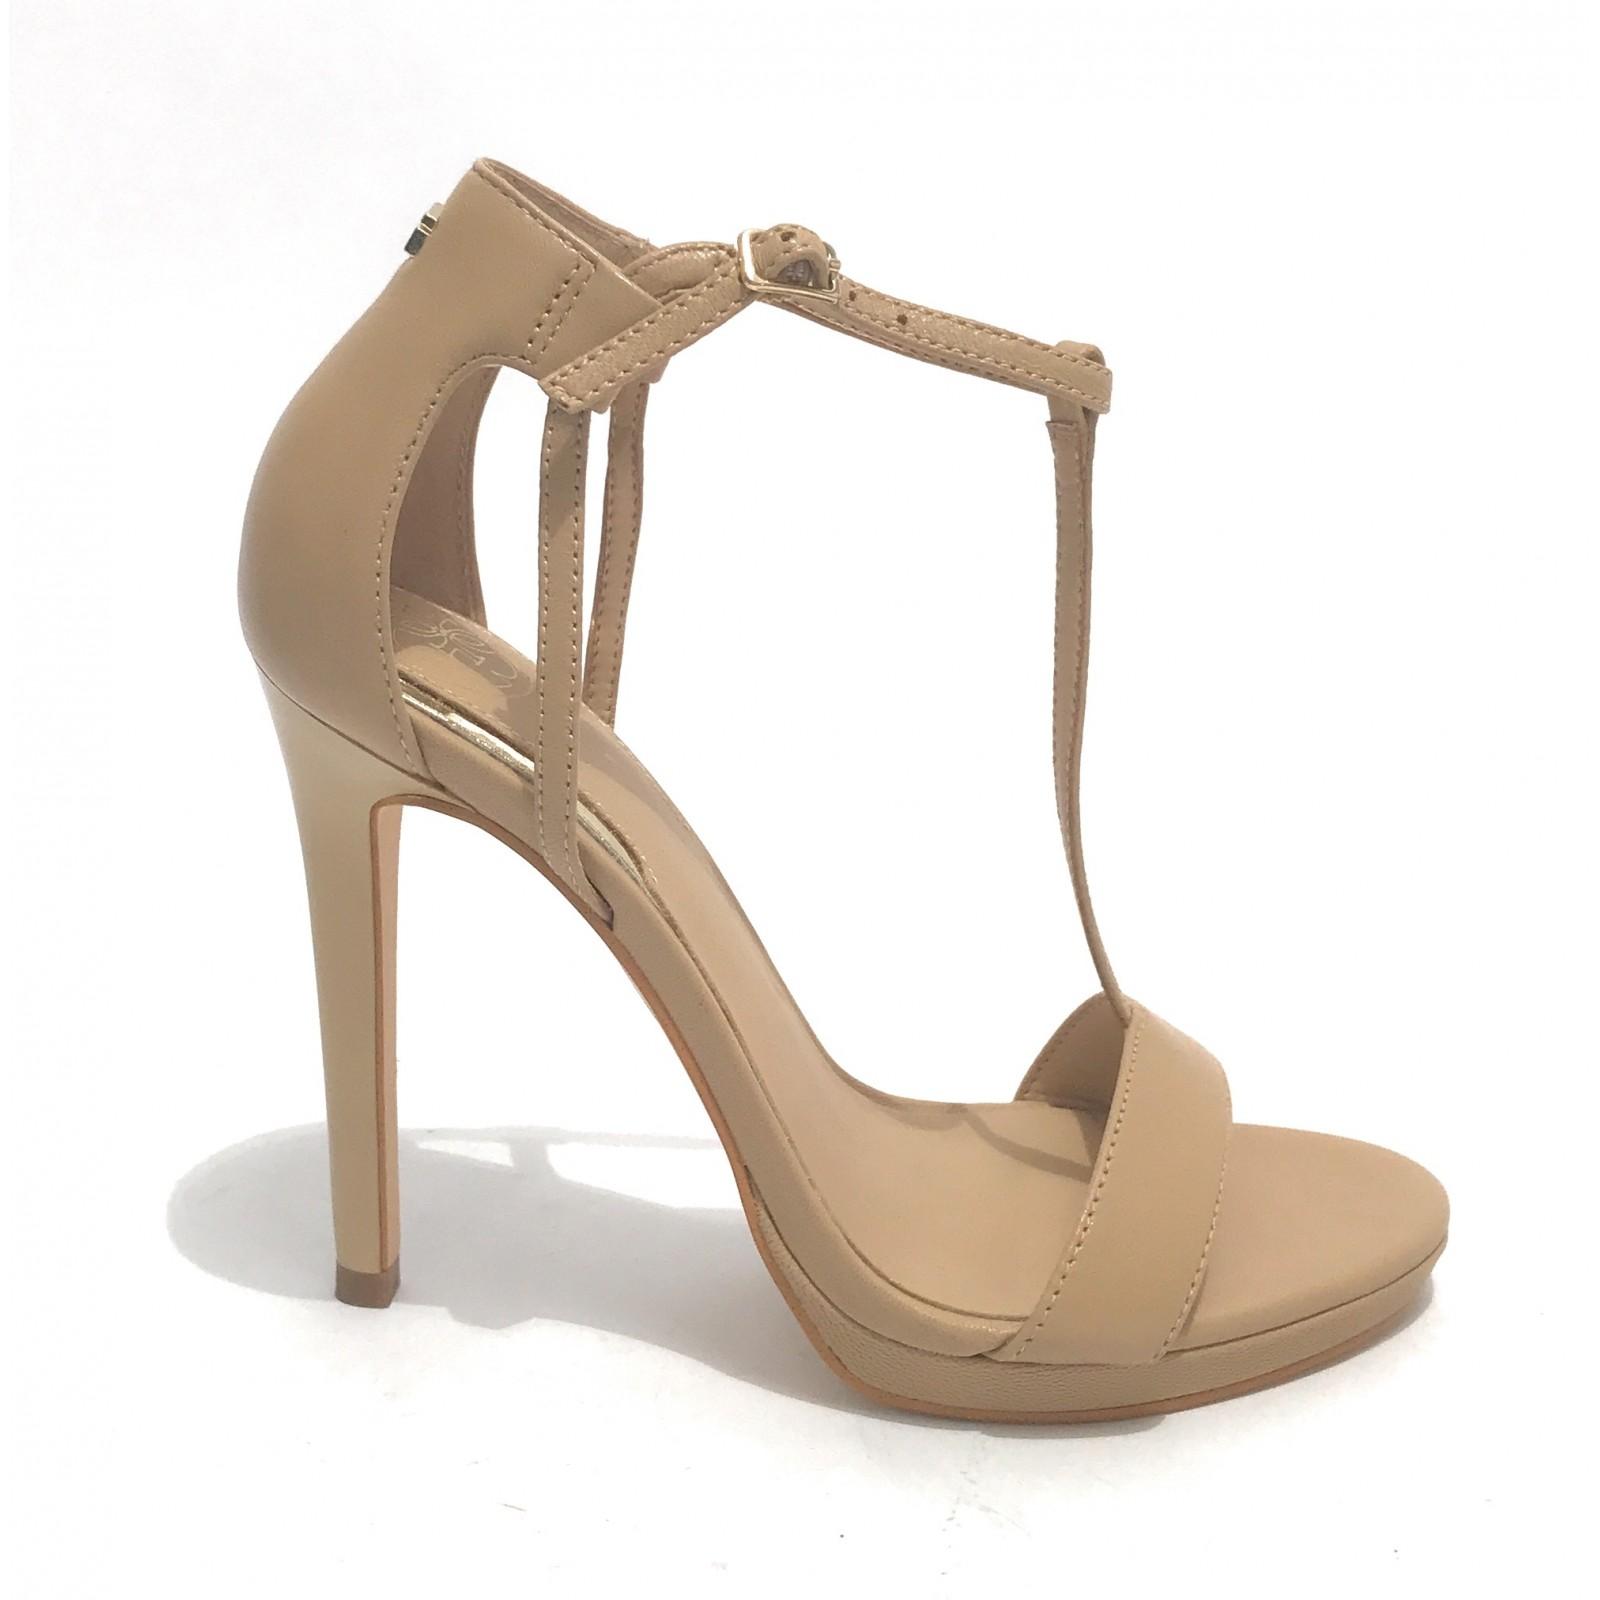 Scarpe Guess sandalo con tacco tc 110 mod Tecru in pelle beige donna DS20GU Taglia scarpa 35 EU